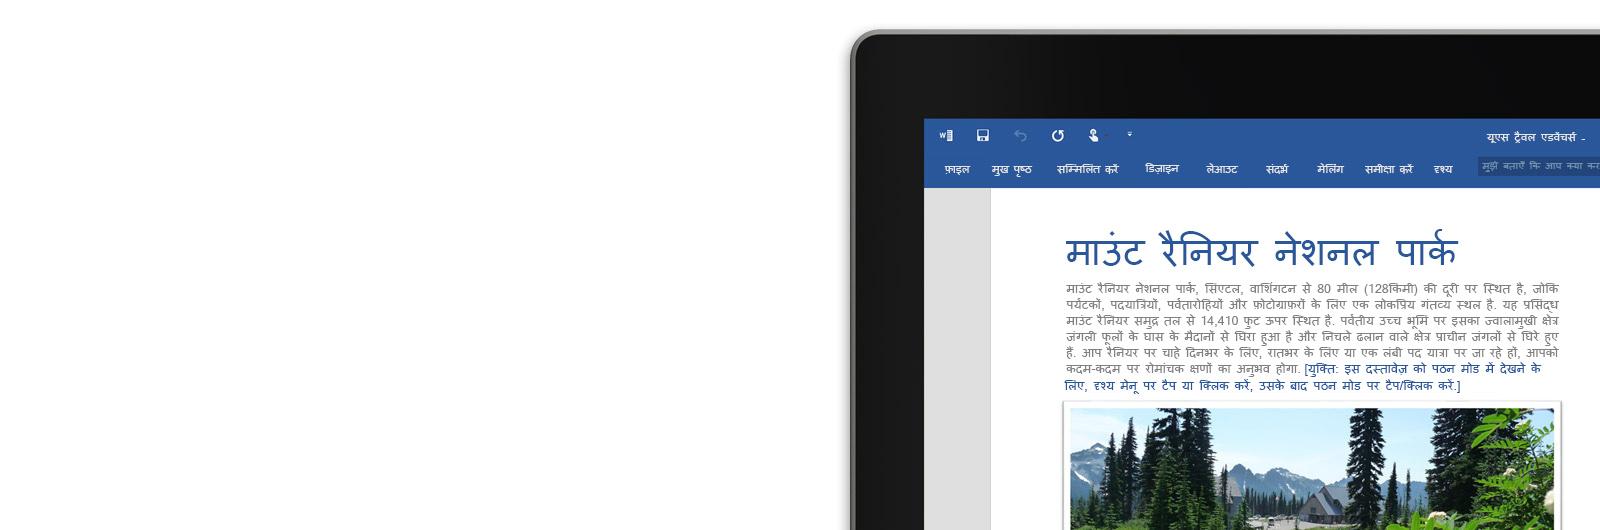 स्क्रीन पर Word दस्तावेज़ के साथ एक लैपटॉप.